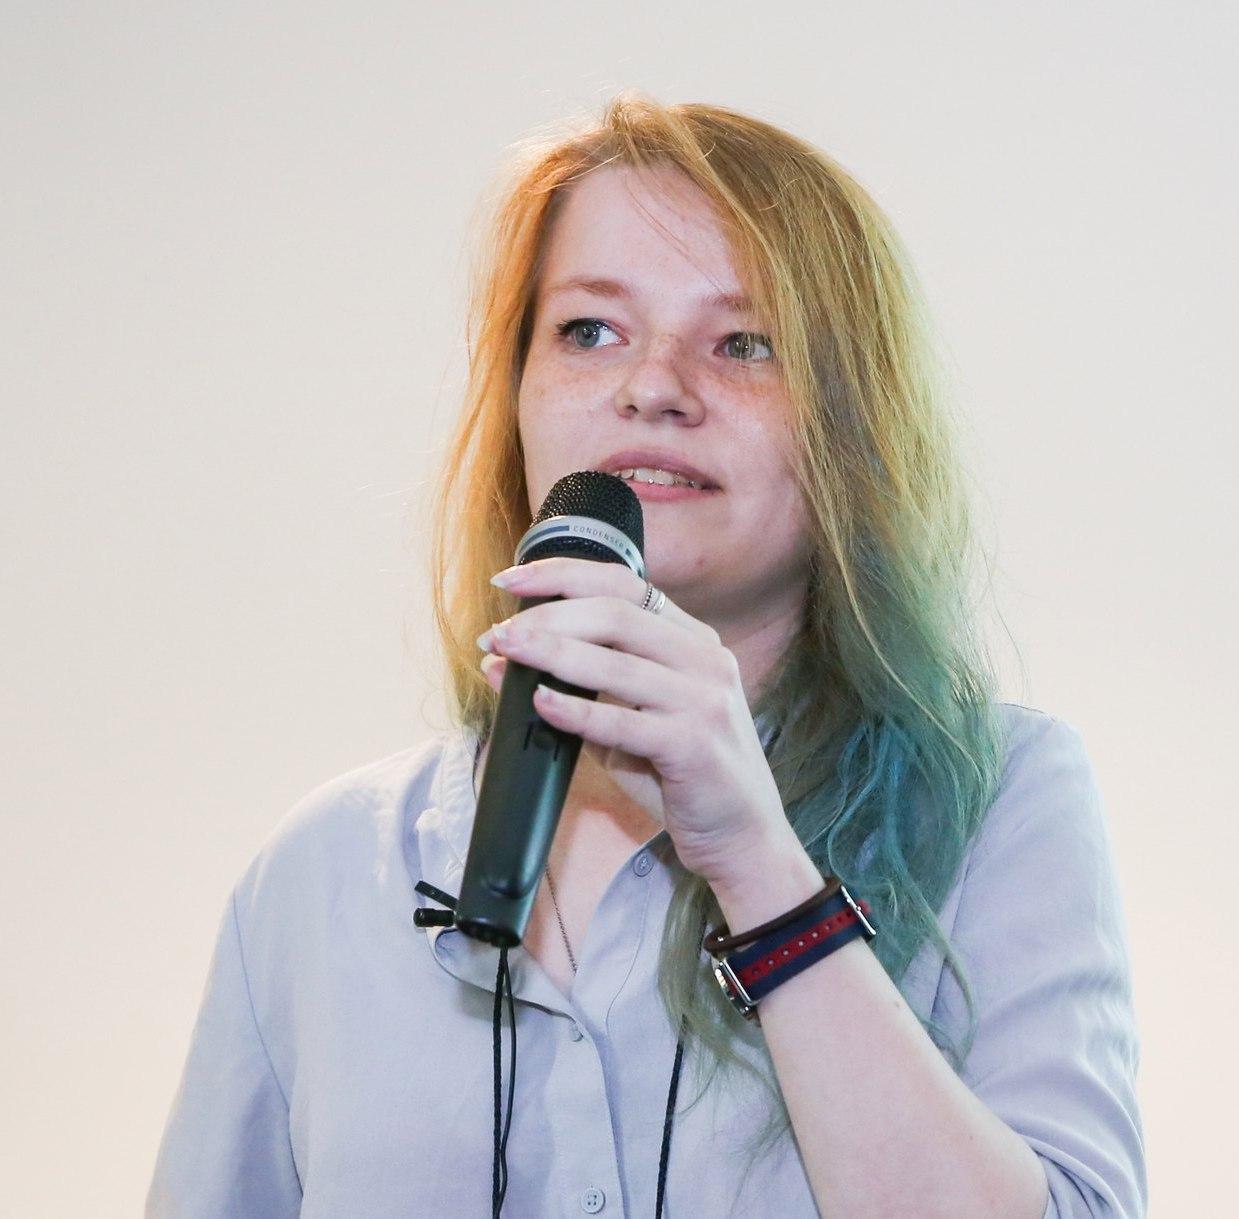 Ksenia Mukhina